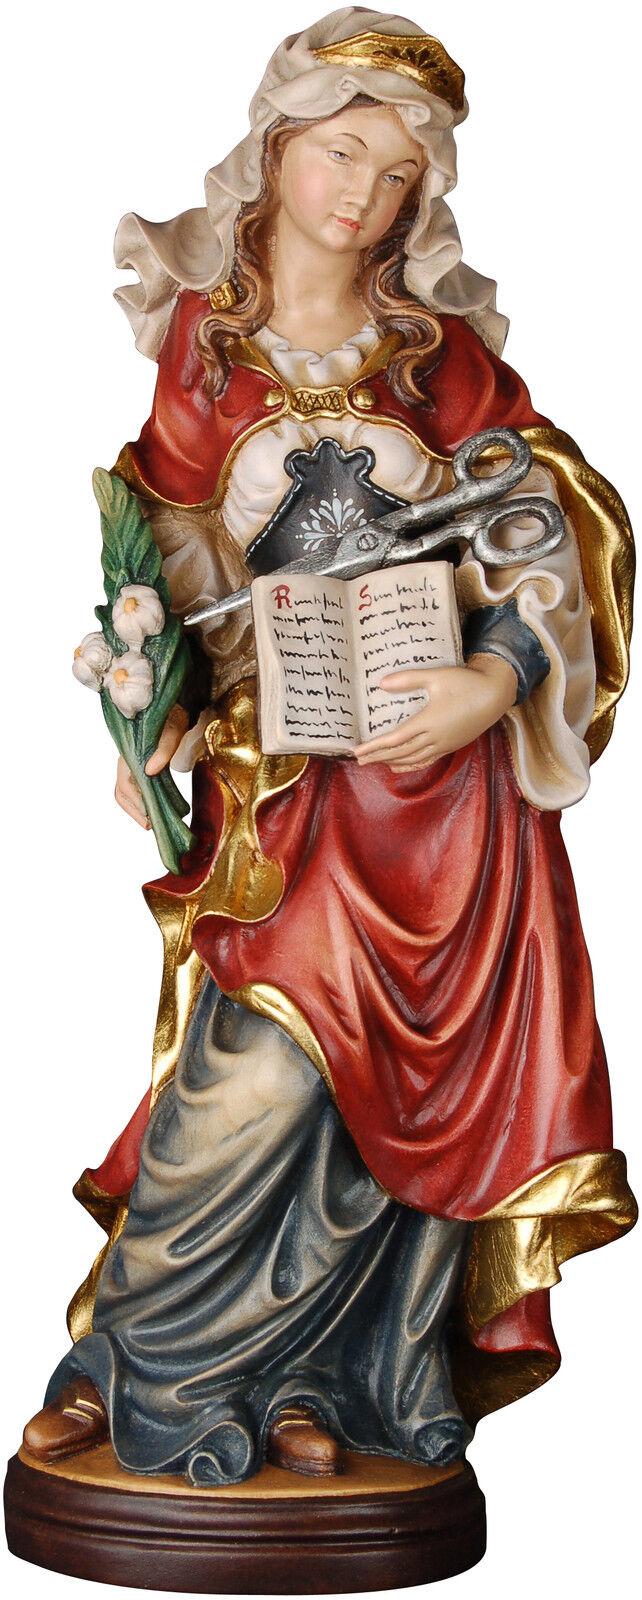 Statue santa Anastasia in Holz, st. st. st. Anastasia Holzschnitzerei | Ideales Geschenk für alle Gelegenheiten  9848a3